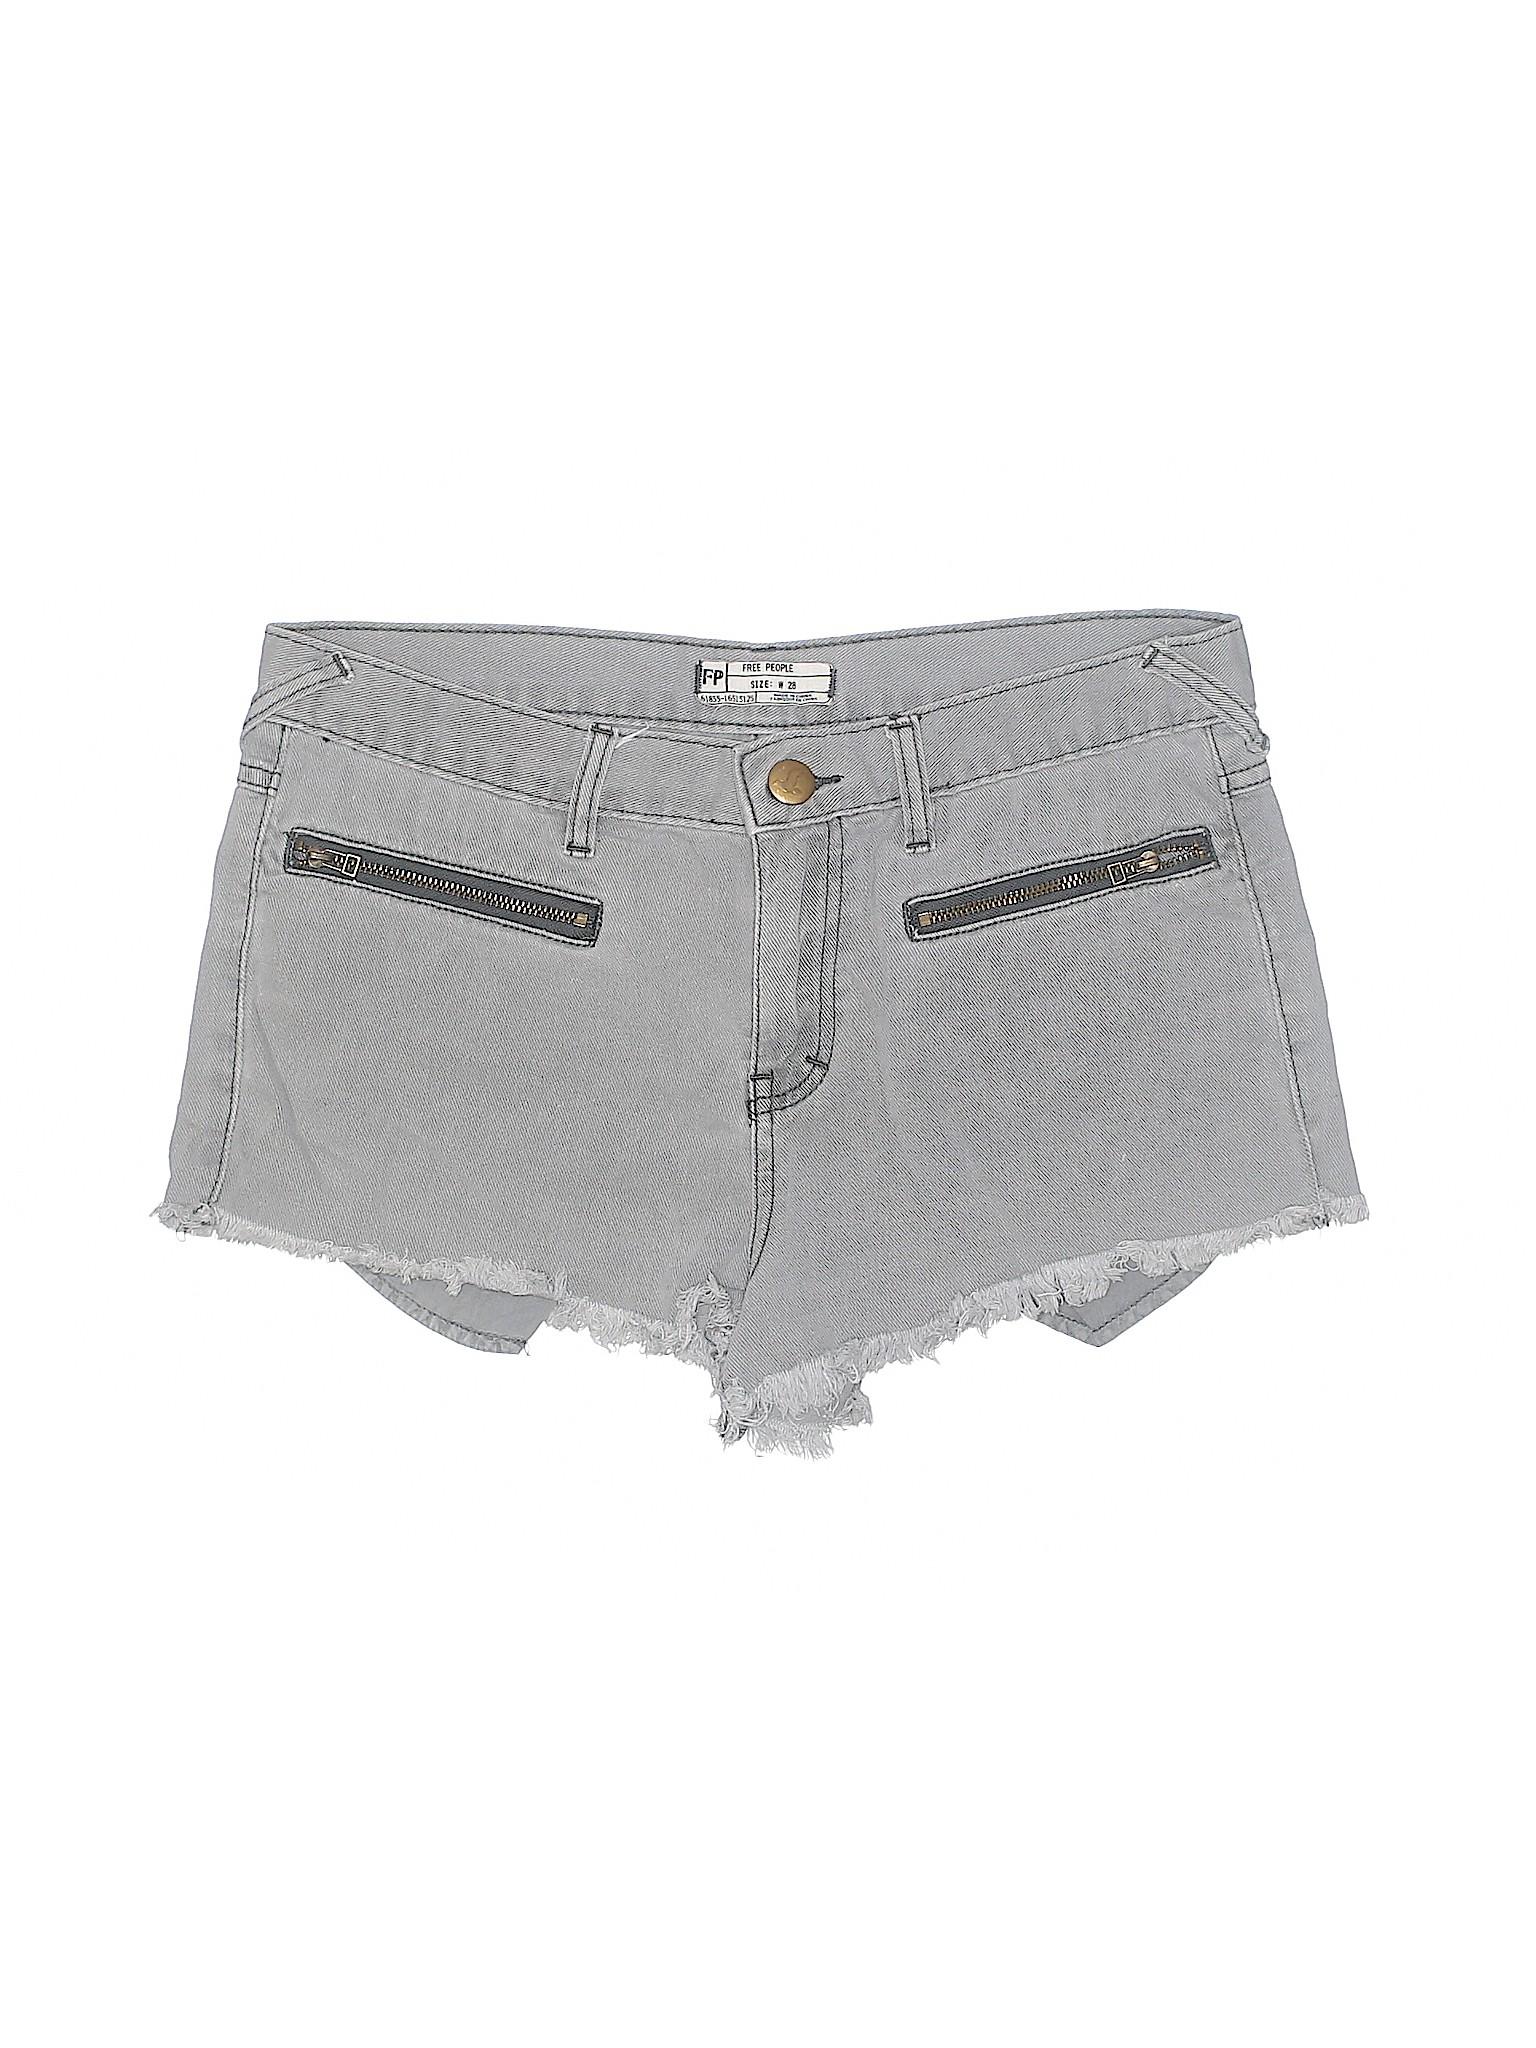 Boutique Shorts Boutique Free Free Denim People r5XOqr